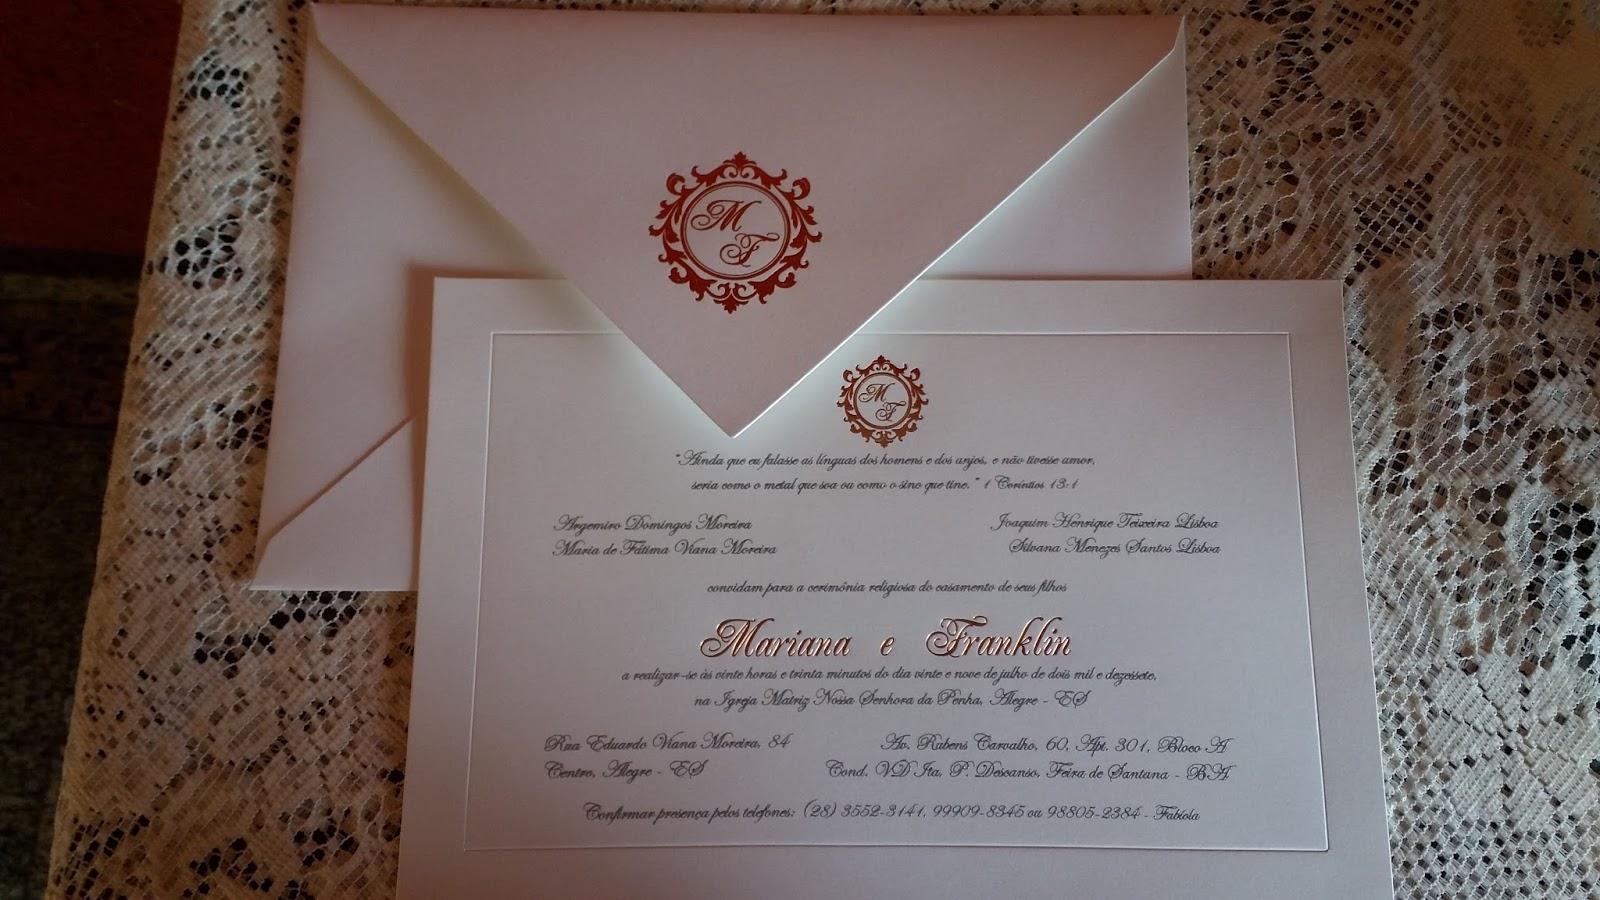 Sainte Convites Blog Convite Casamento Luxo Promoção Até 300617